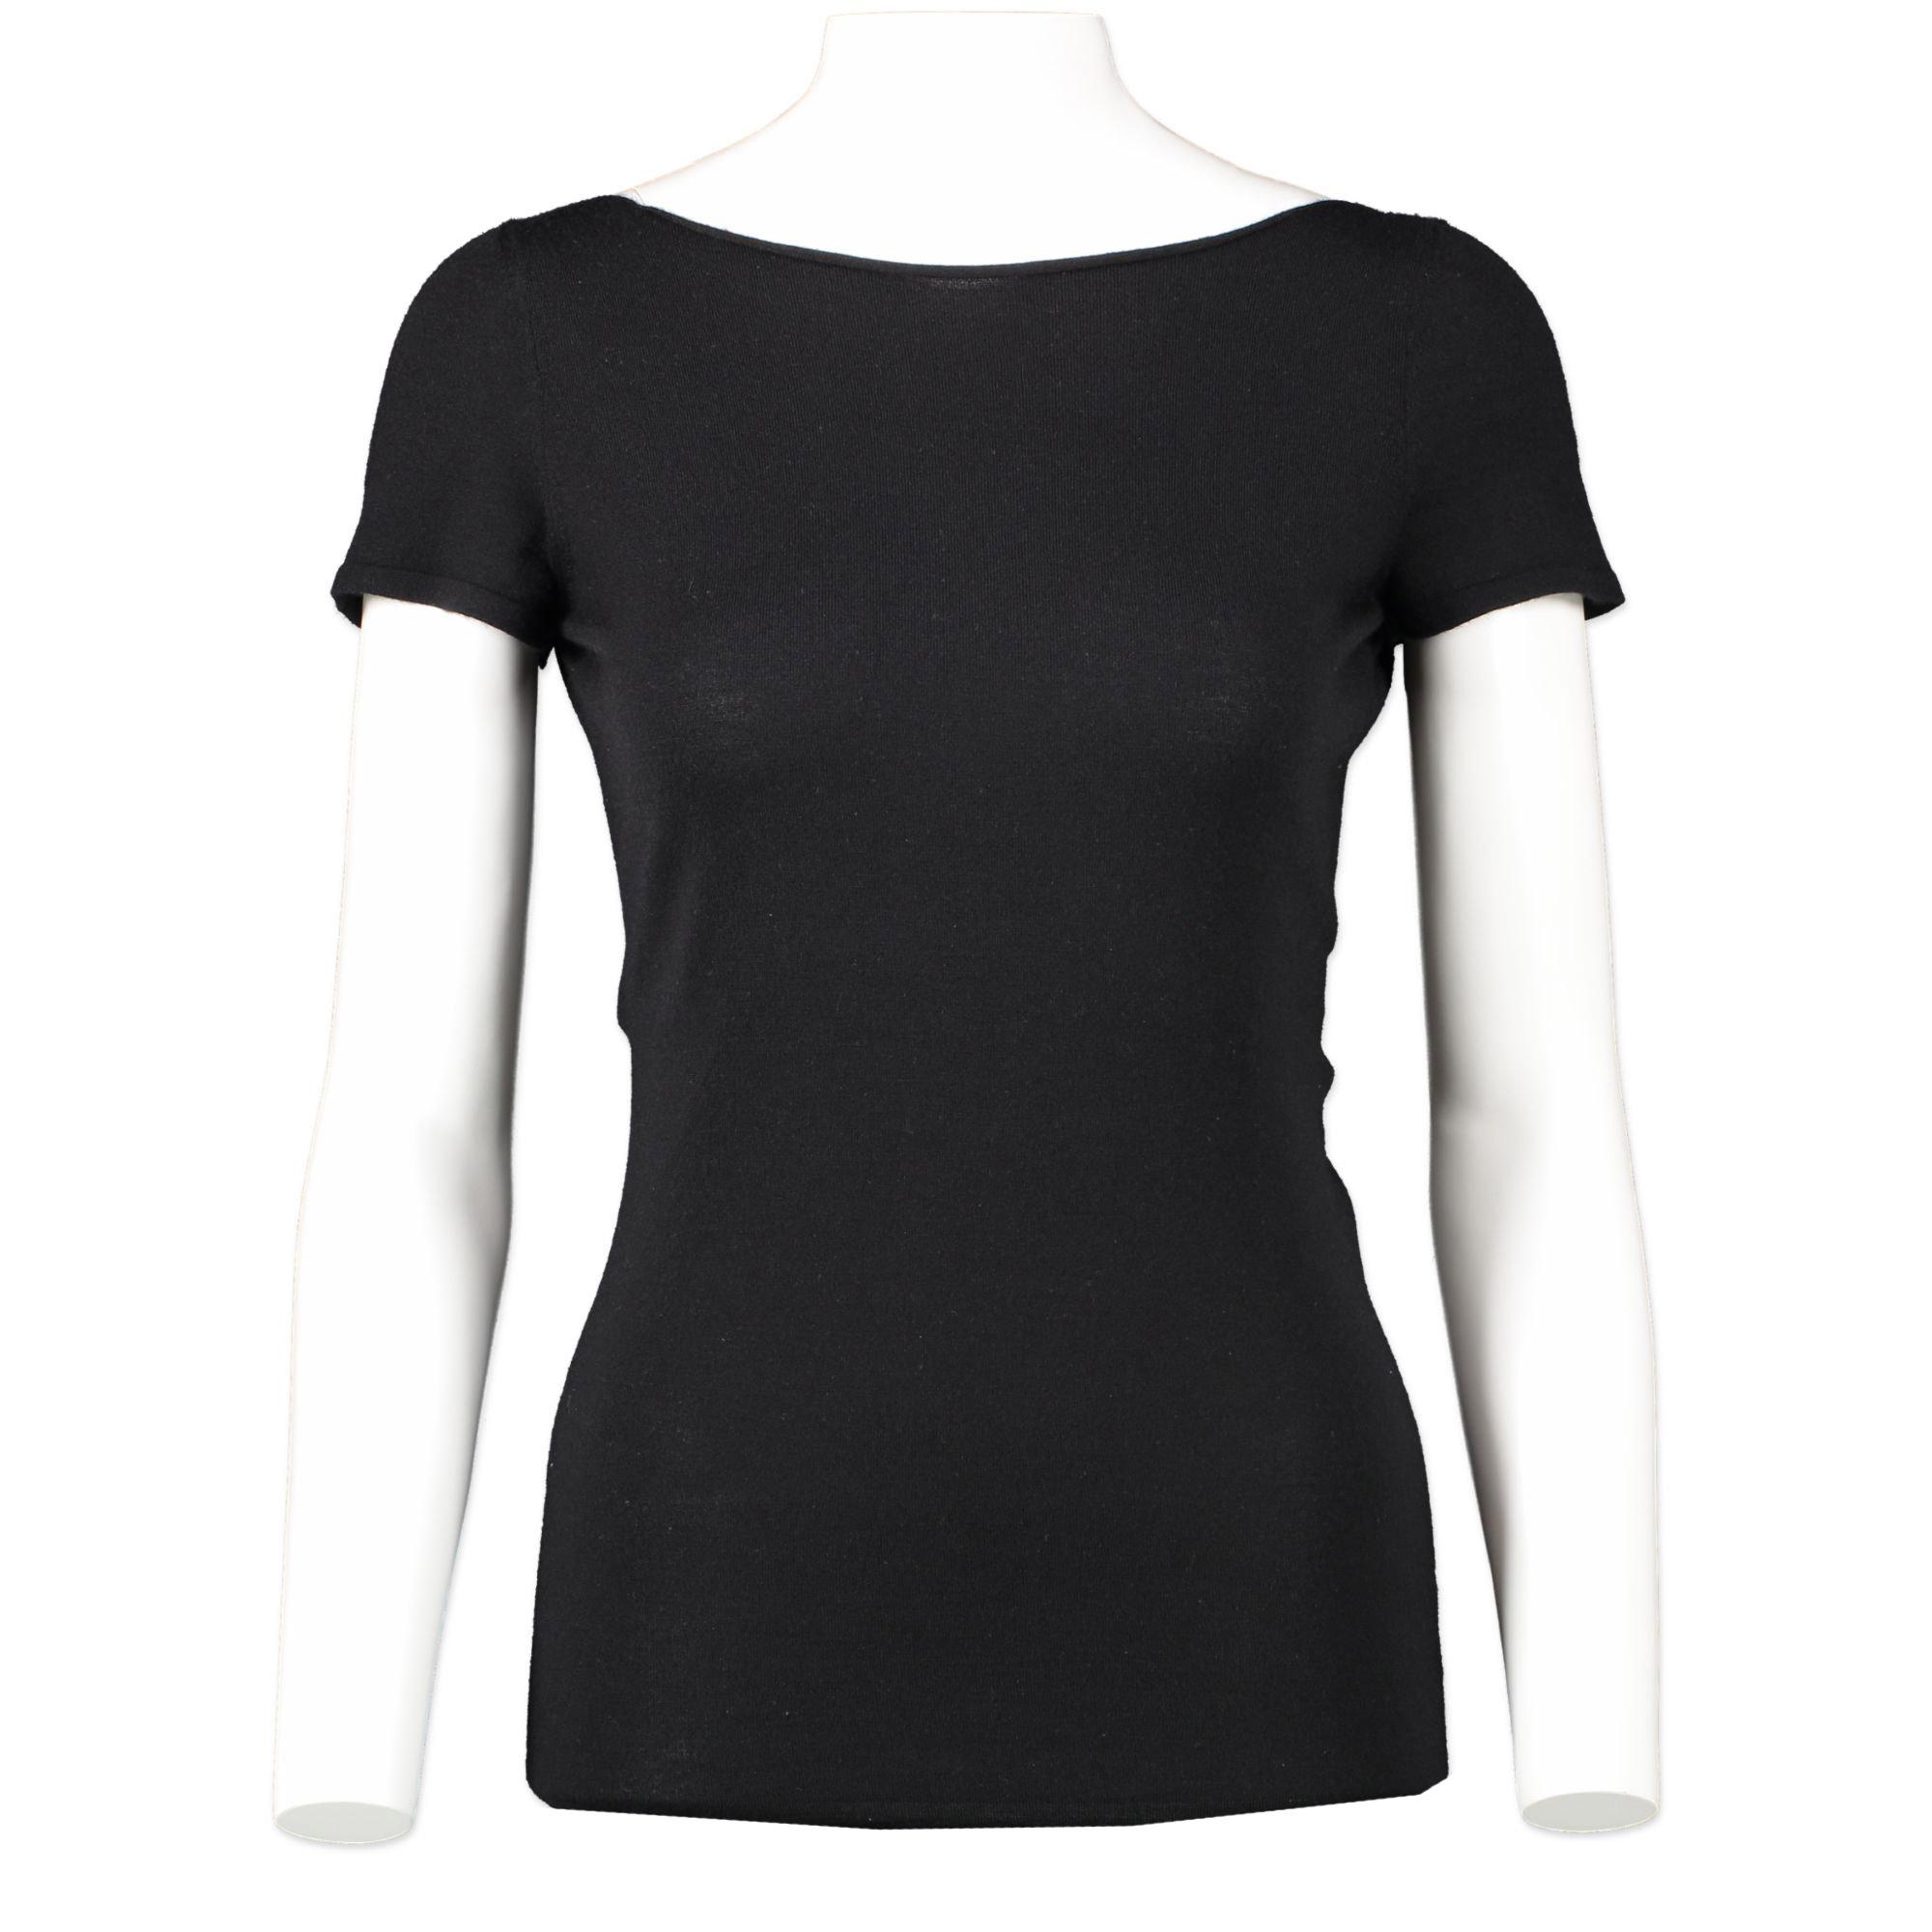 Authentieke Tweedehands Gucci Black Backless Silver Clasp Top juiste prijs veilig online winkelen Antwerpen België winkelen luxe merken webshop mode fashion